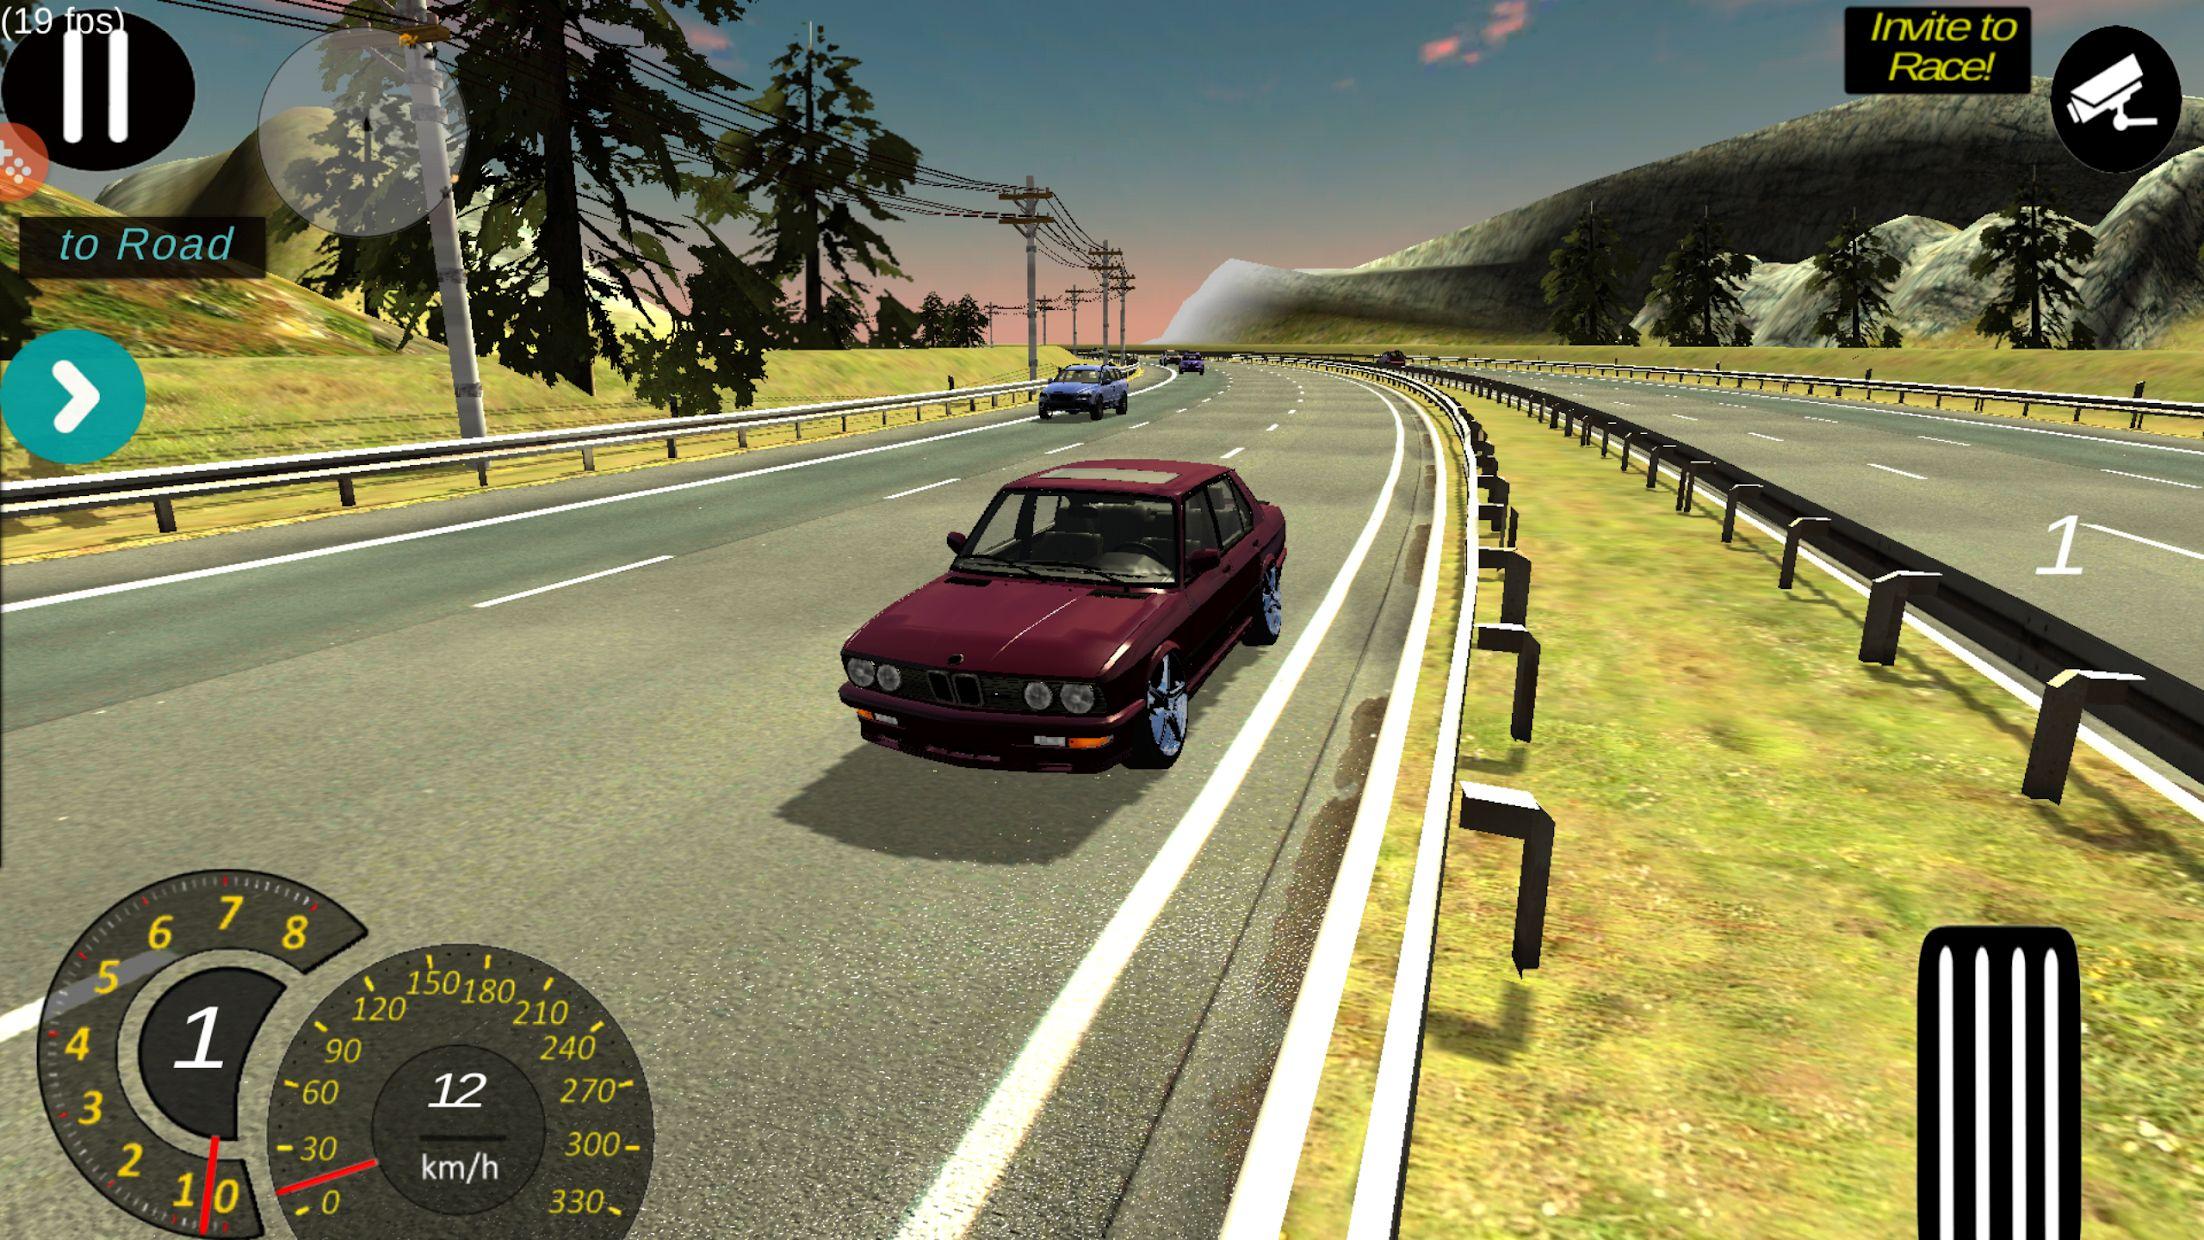 手动挡停车场 联机版(Car Parking Multiplayer) 游戏截图1